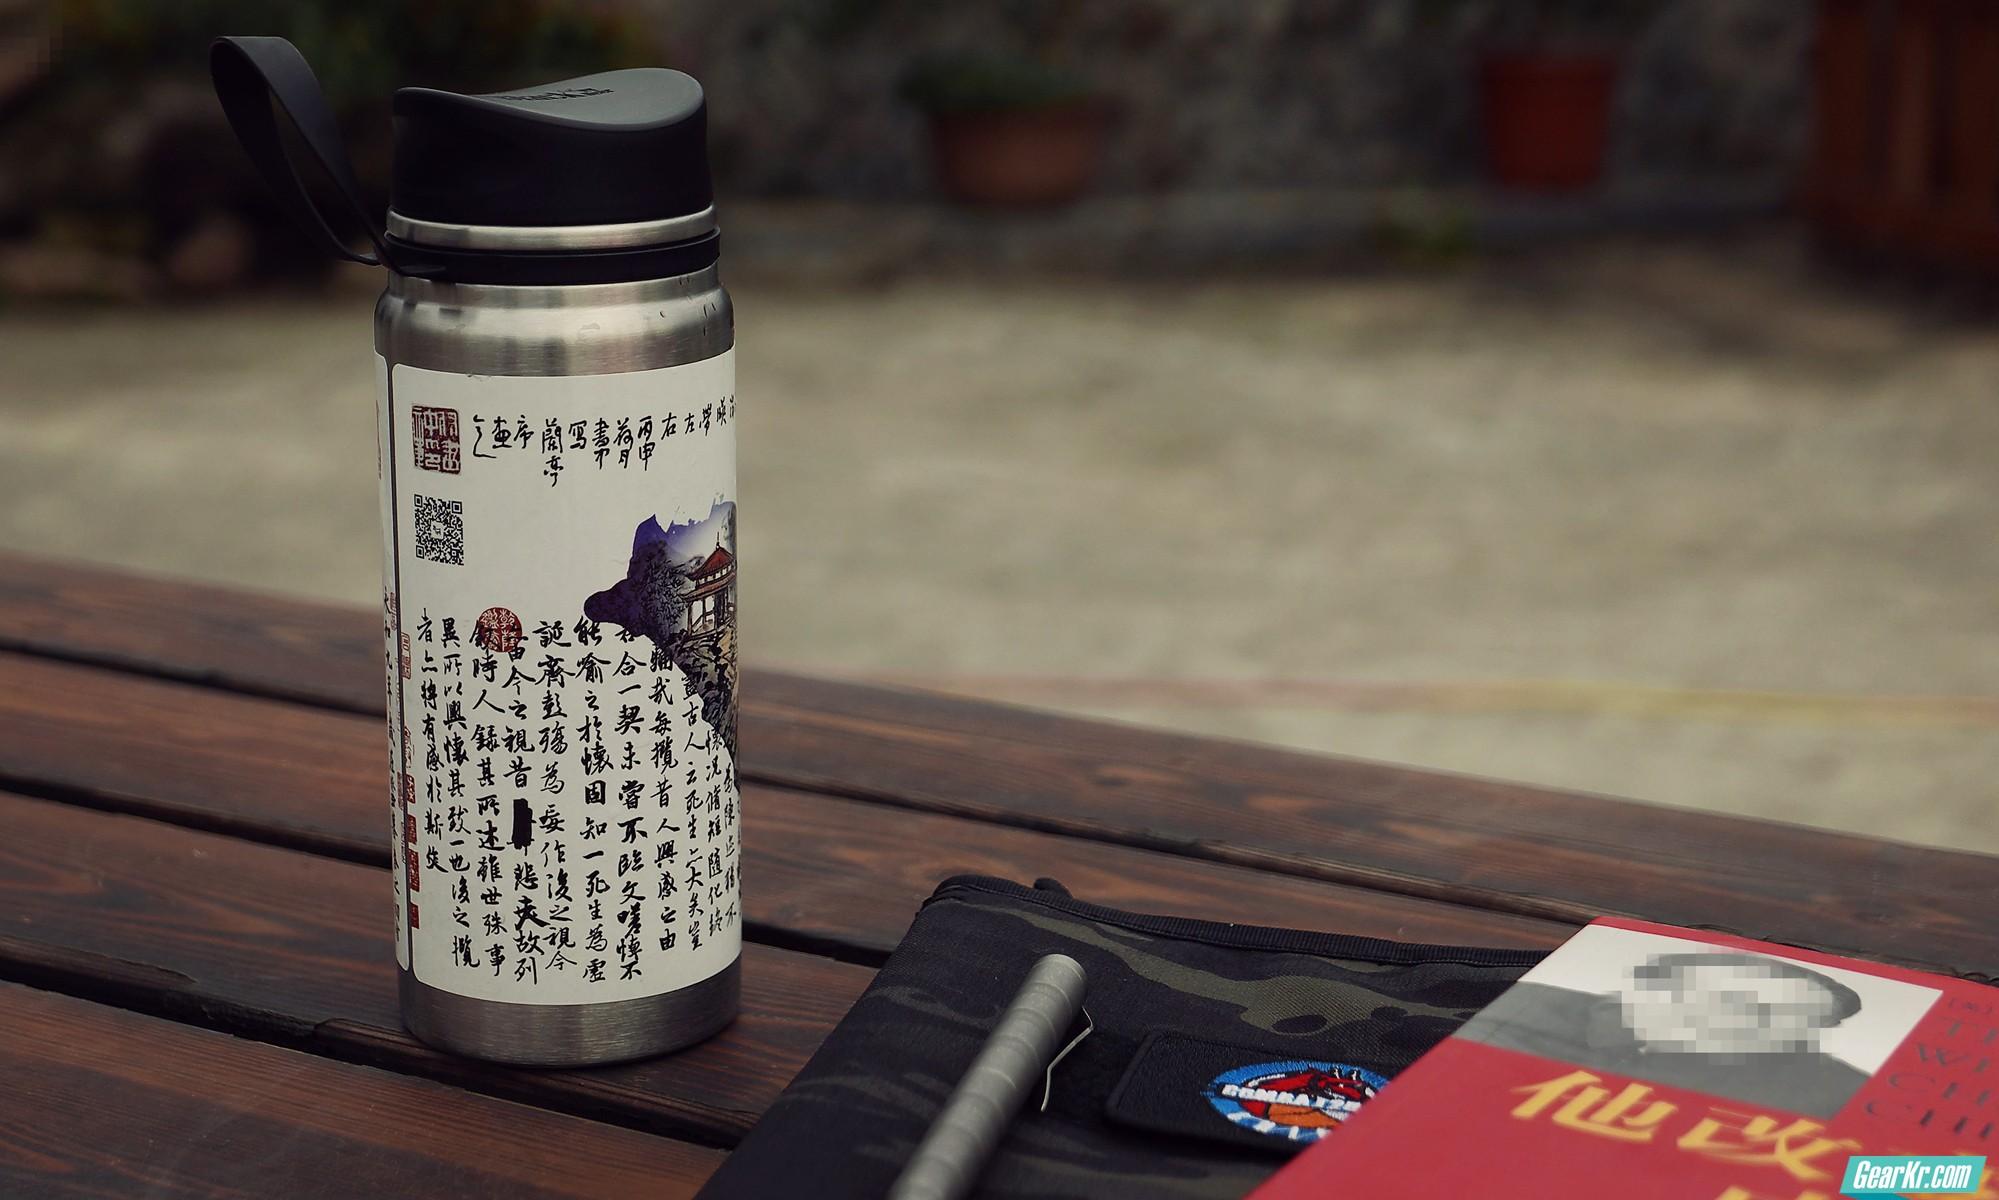 黑鹿 BLACKDEER 3代目 便携真空不锈钢保温水杯简评